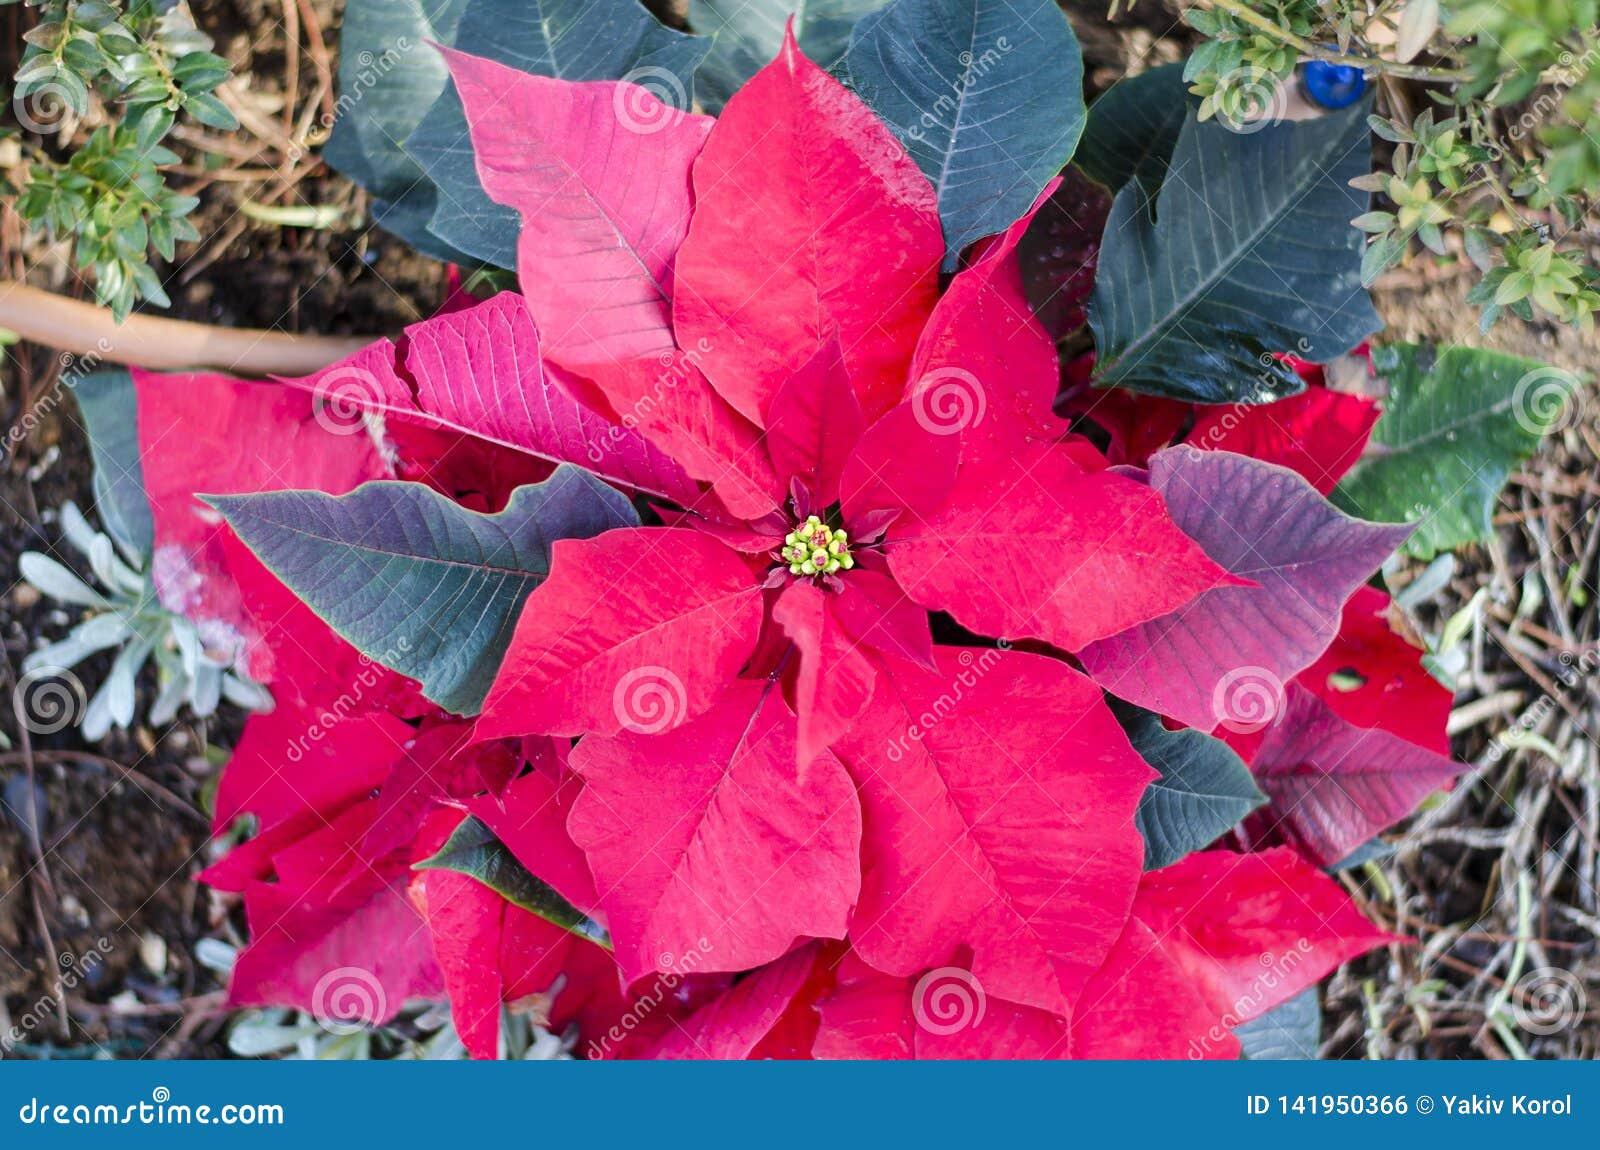 Flor roja de la poinsetia, euforbio Pulcherrima, flor de la Navidad de Nochebuena Atenas, Grecia